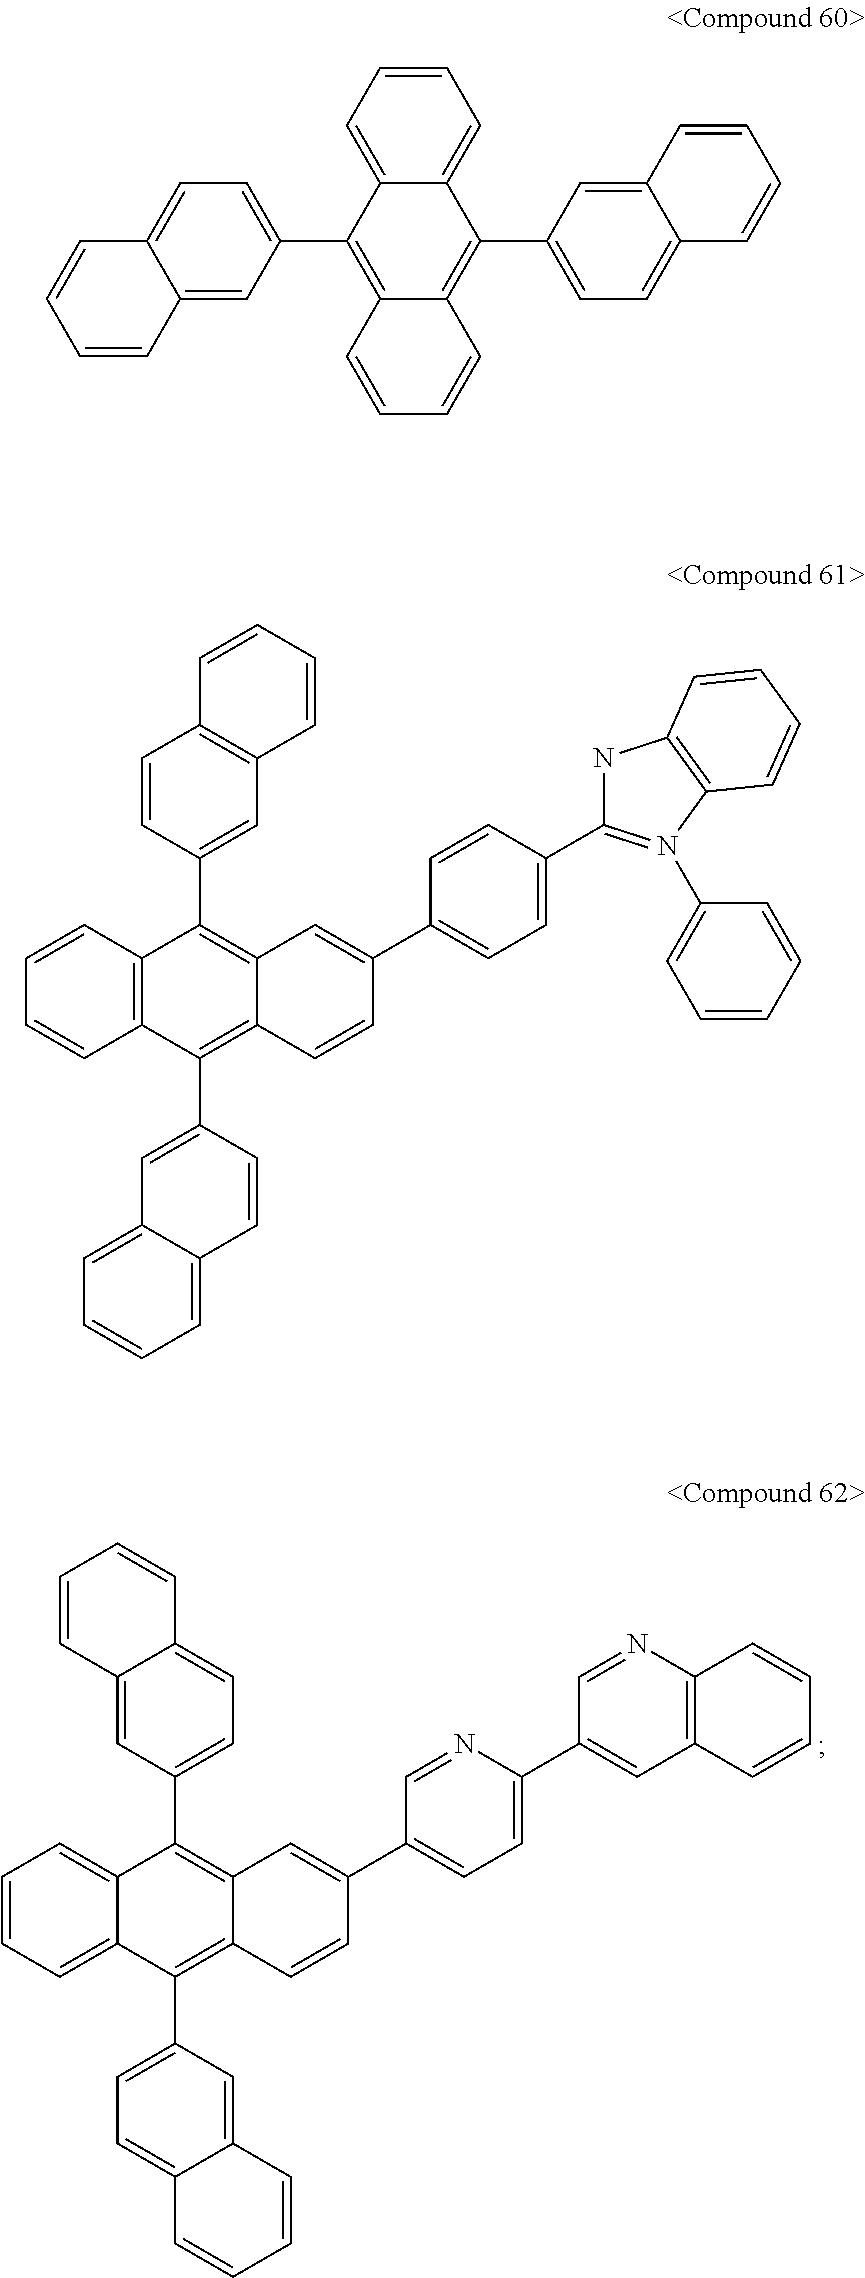 Figure US20110215308A1-20110908-C00037